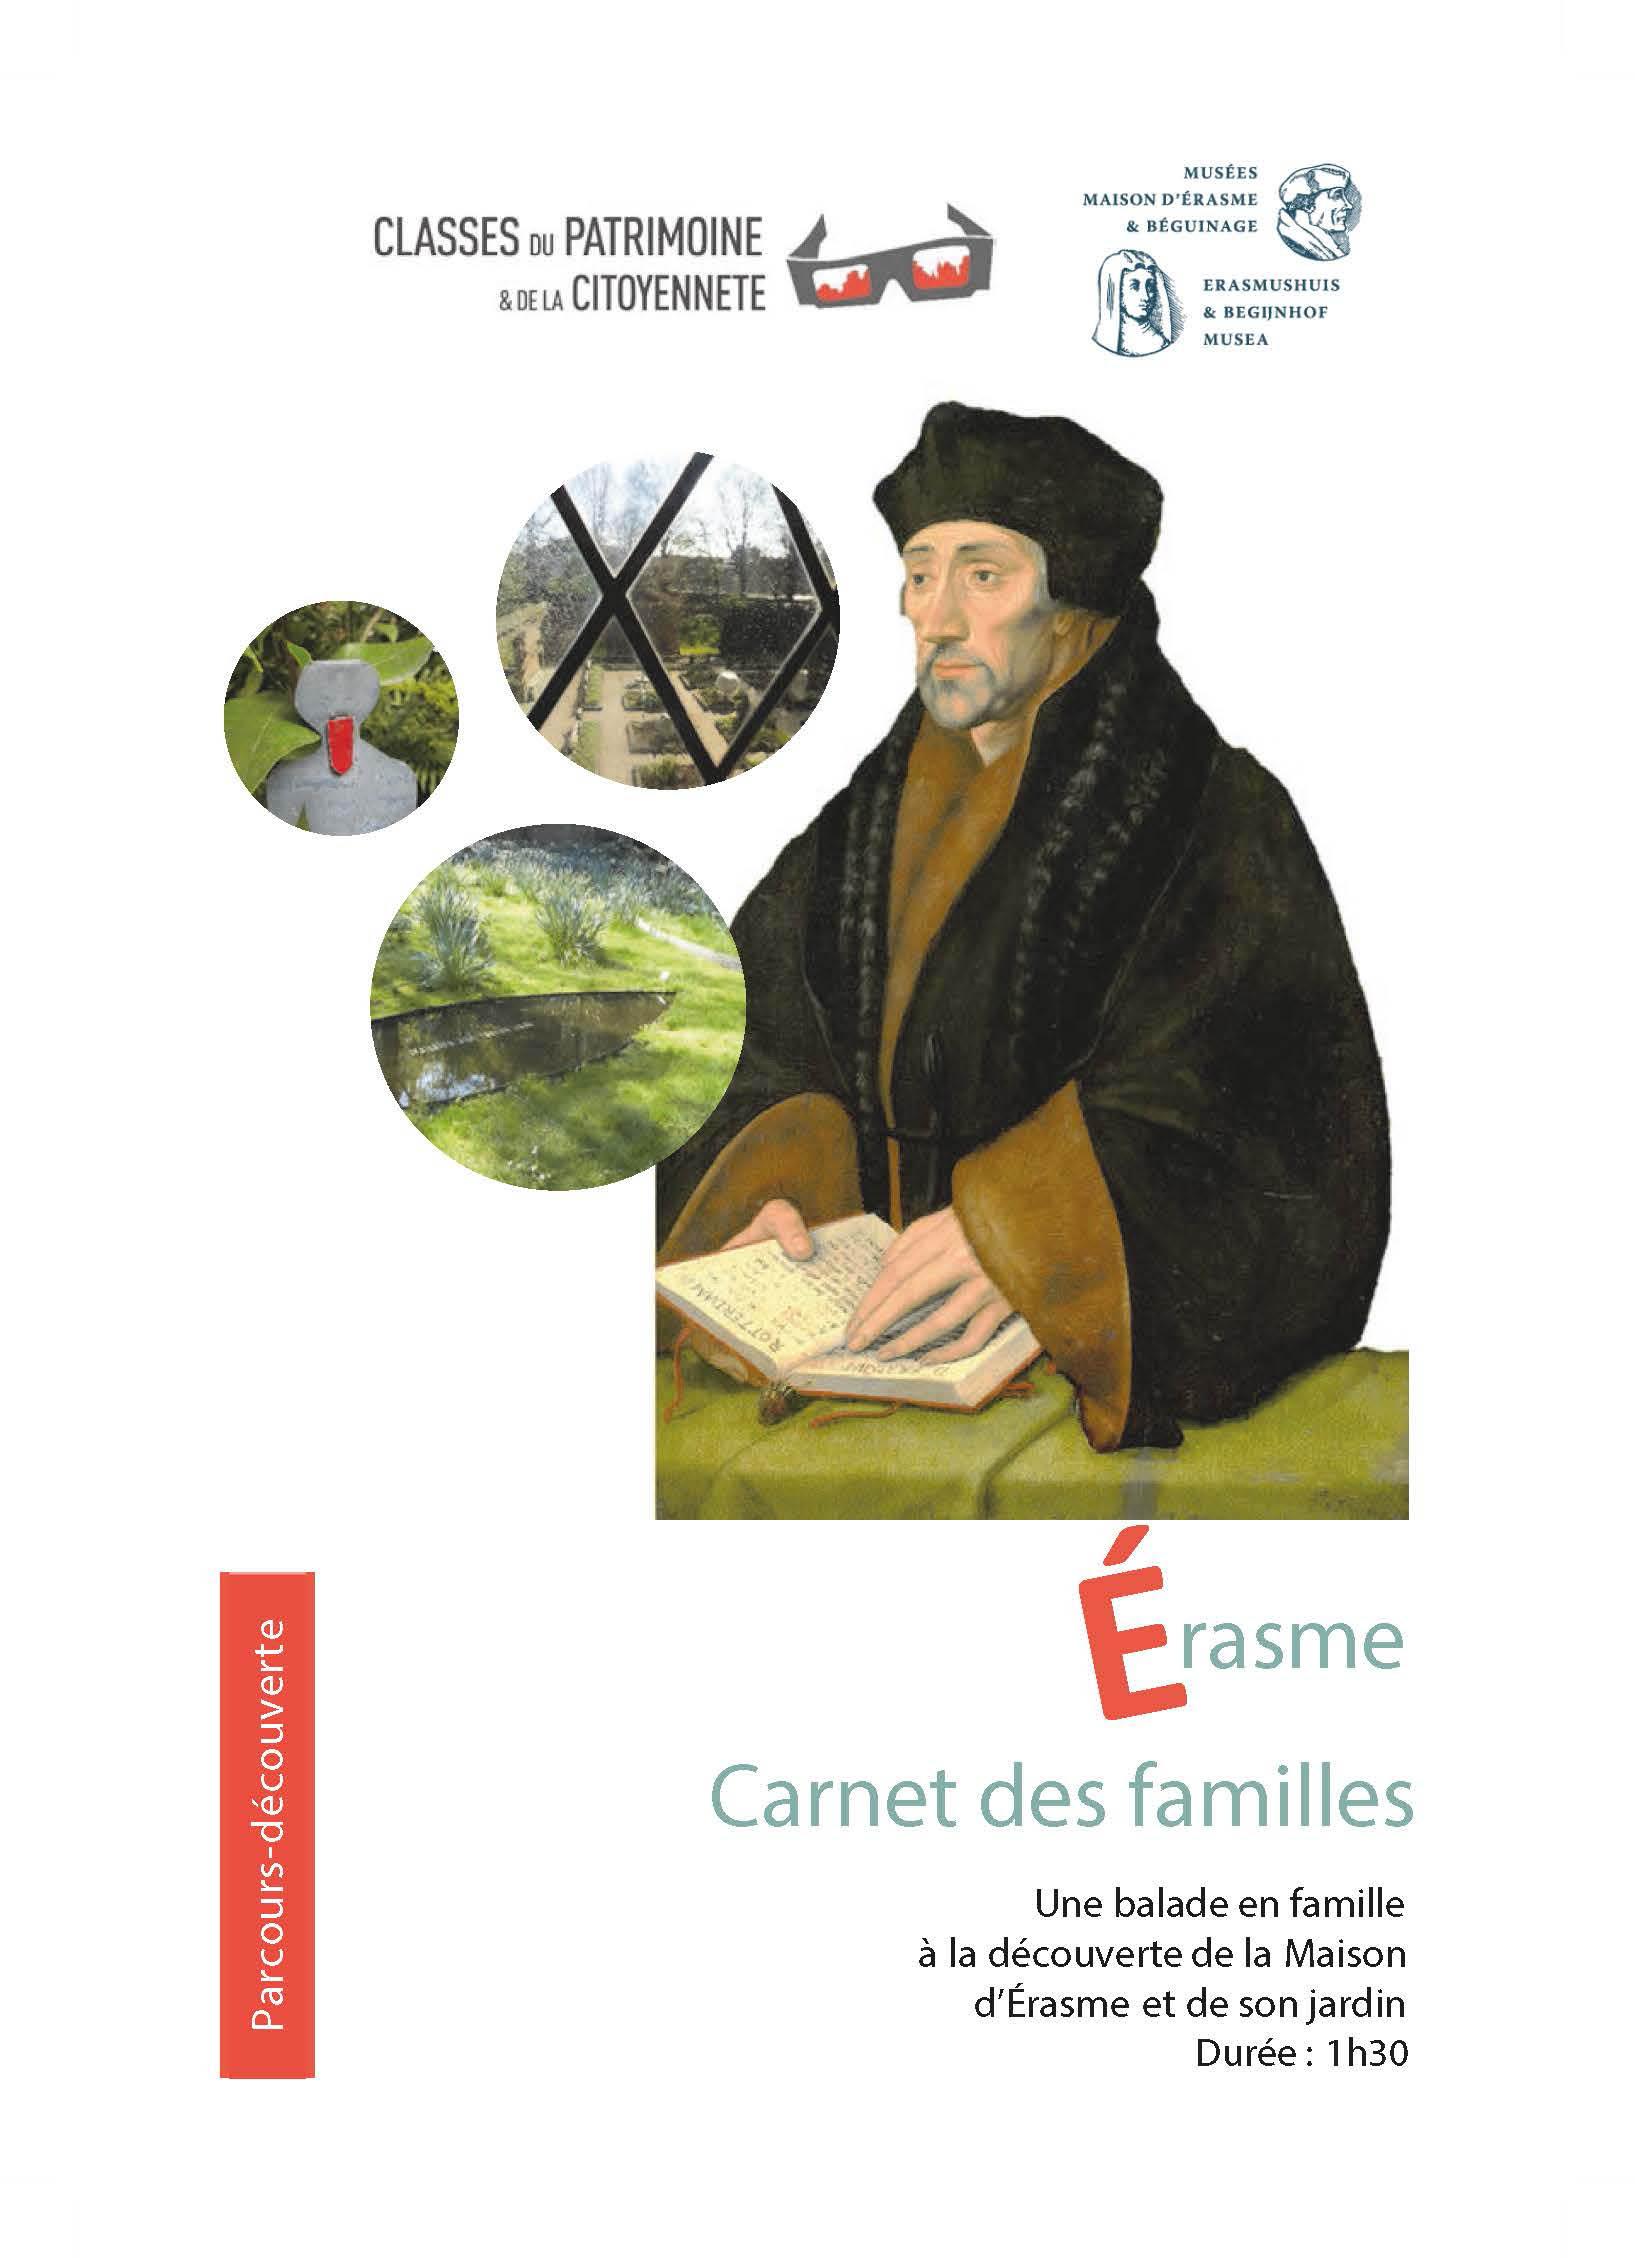 Erasme carnet des familles